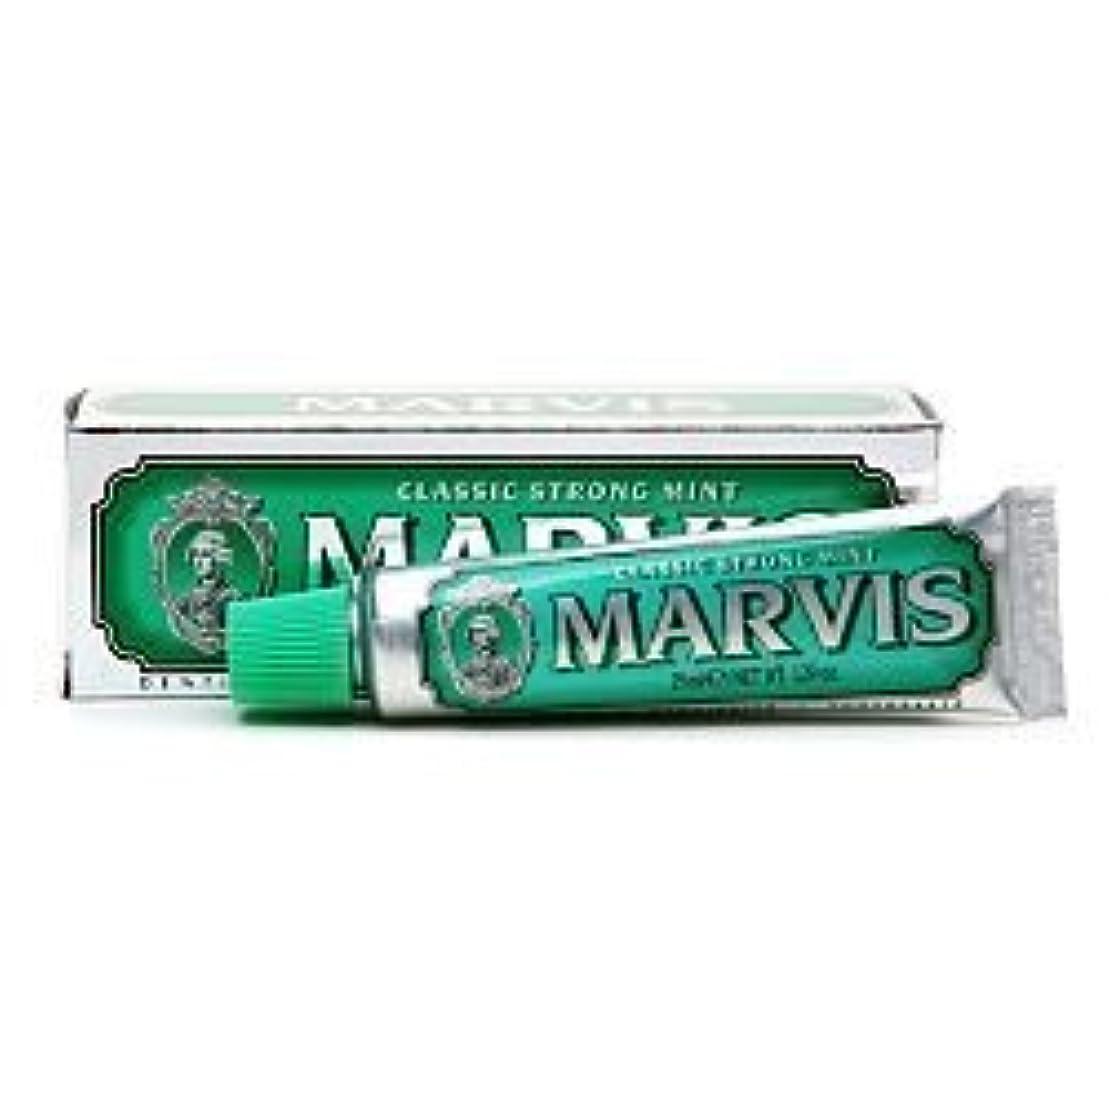 注釈を付けるルビークマノミMarvis Travel Sized Toothpaste, Classic Strong Mint 1.29 oz (25 ml) (Qunatity of 4) by Marvis [並行輸入品]